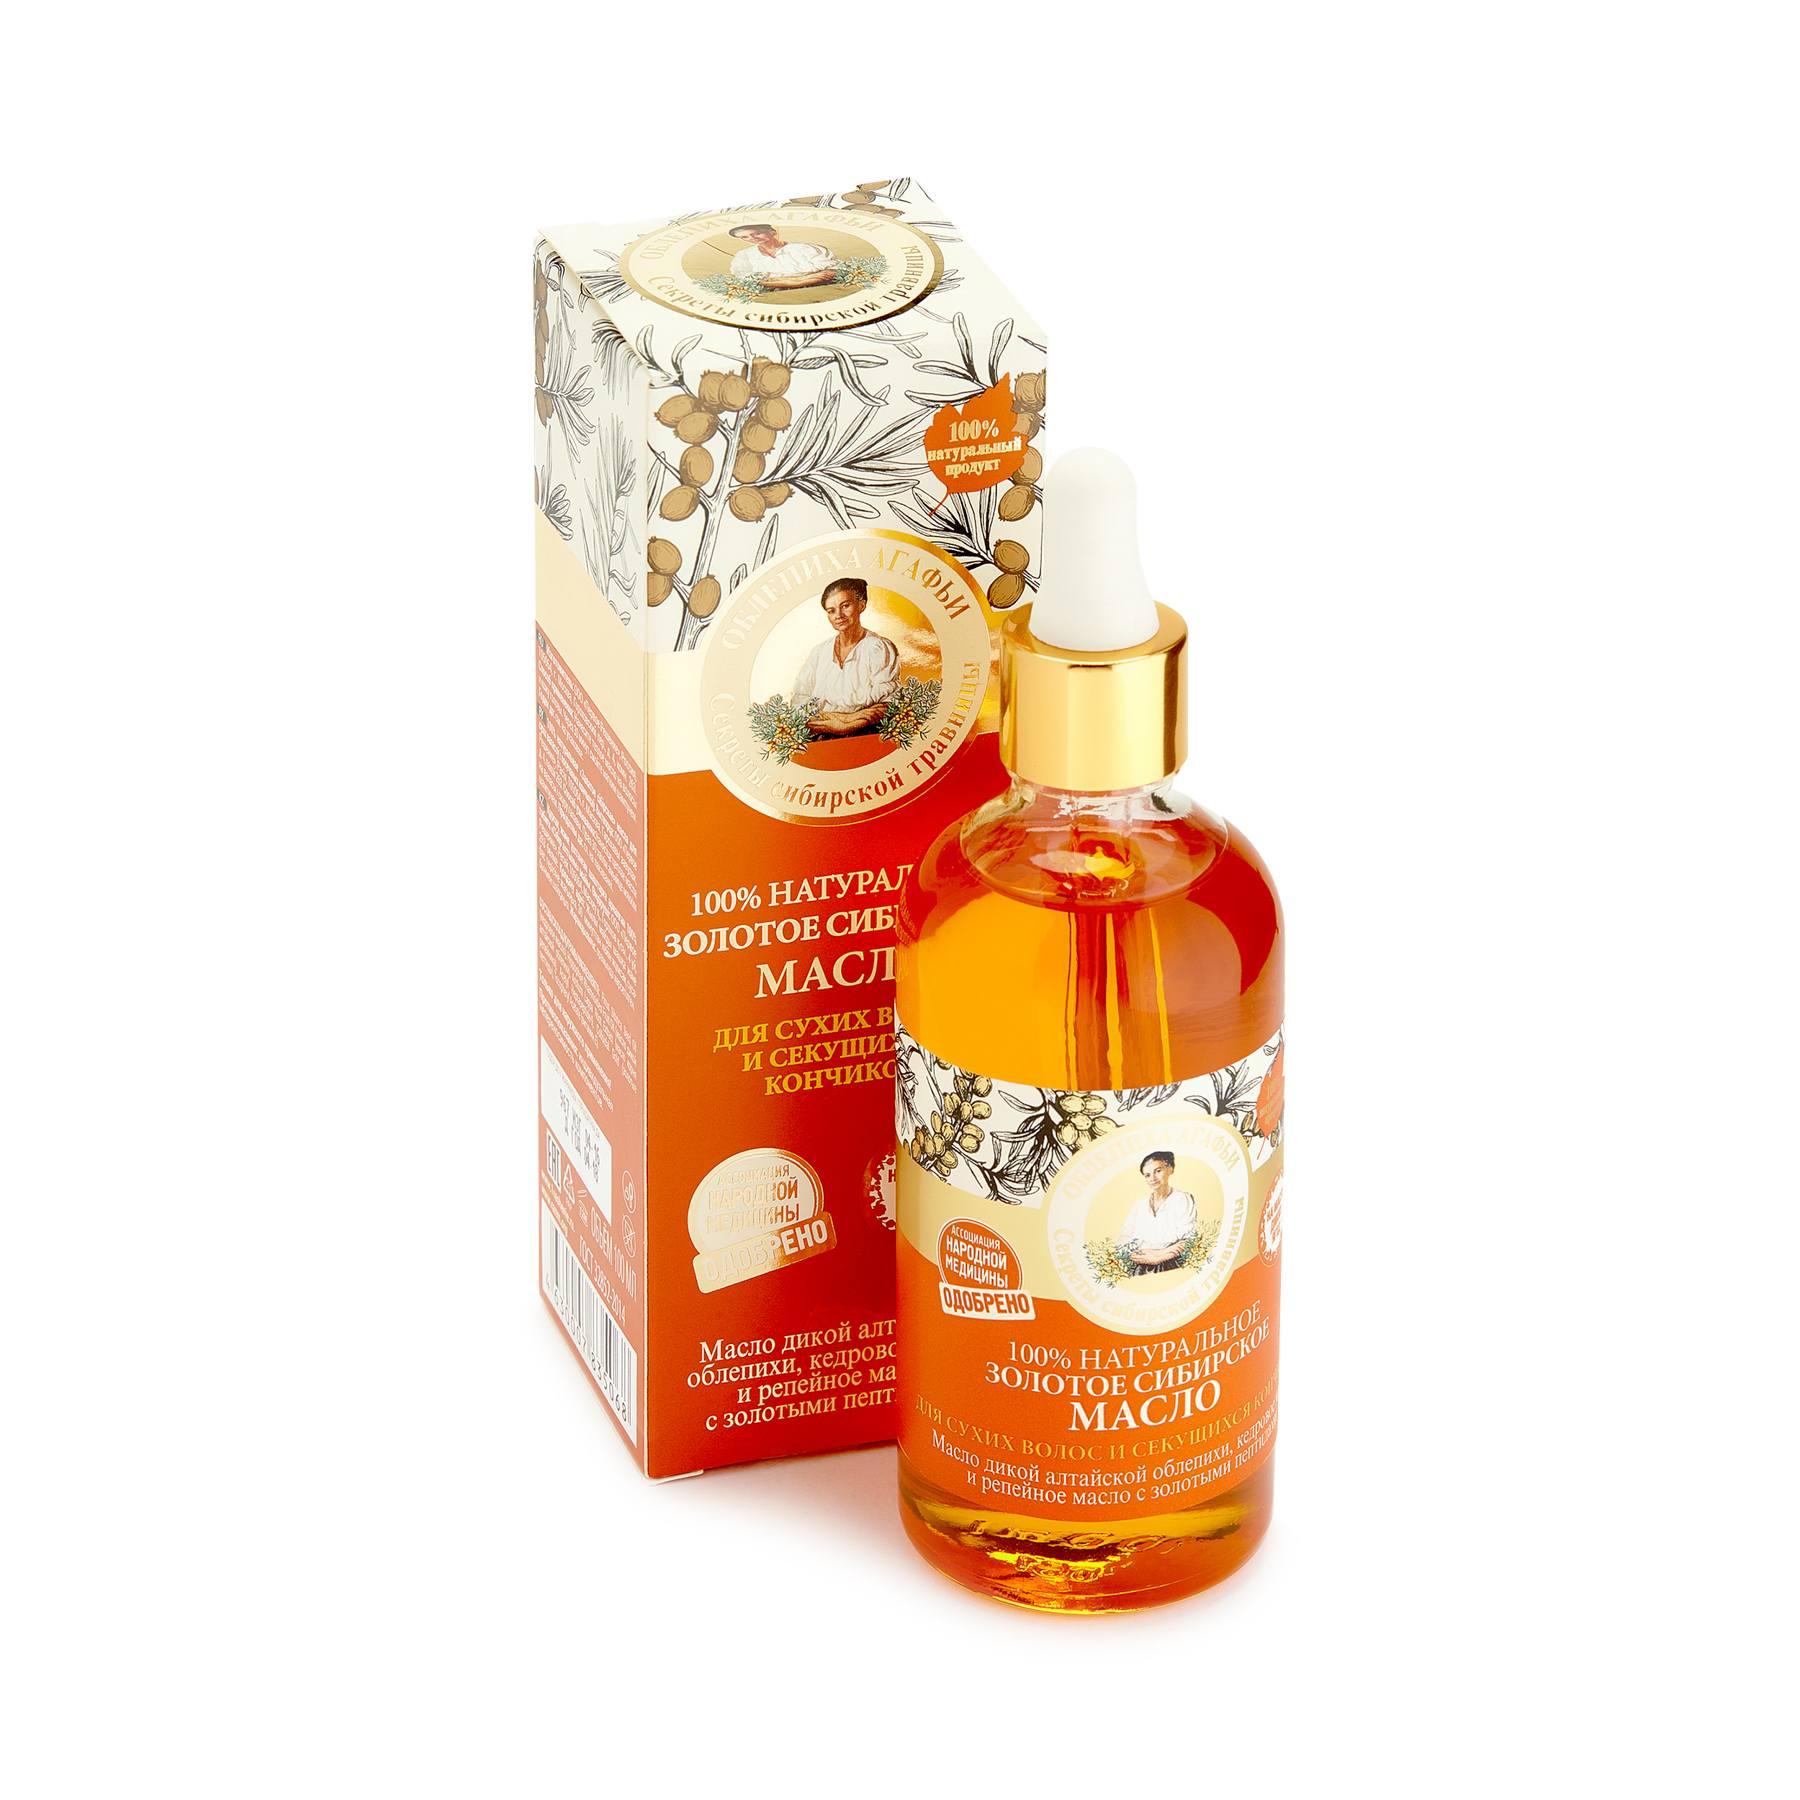 Купить Рецепты бабушки Агафьи Масло для волос 100% Золотое сибирское натуральное для сухих и секущихся кончиков, 100 мл, РЕЦЕПТЫ БАБУШКИ АГАФЬИ (shop: Organic-shops Organic shops)